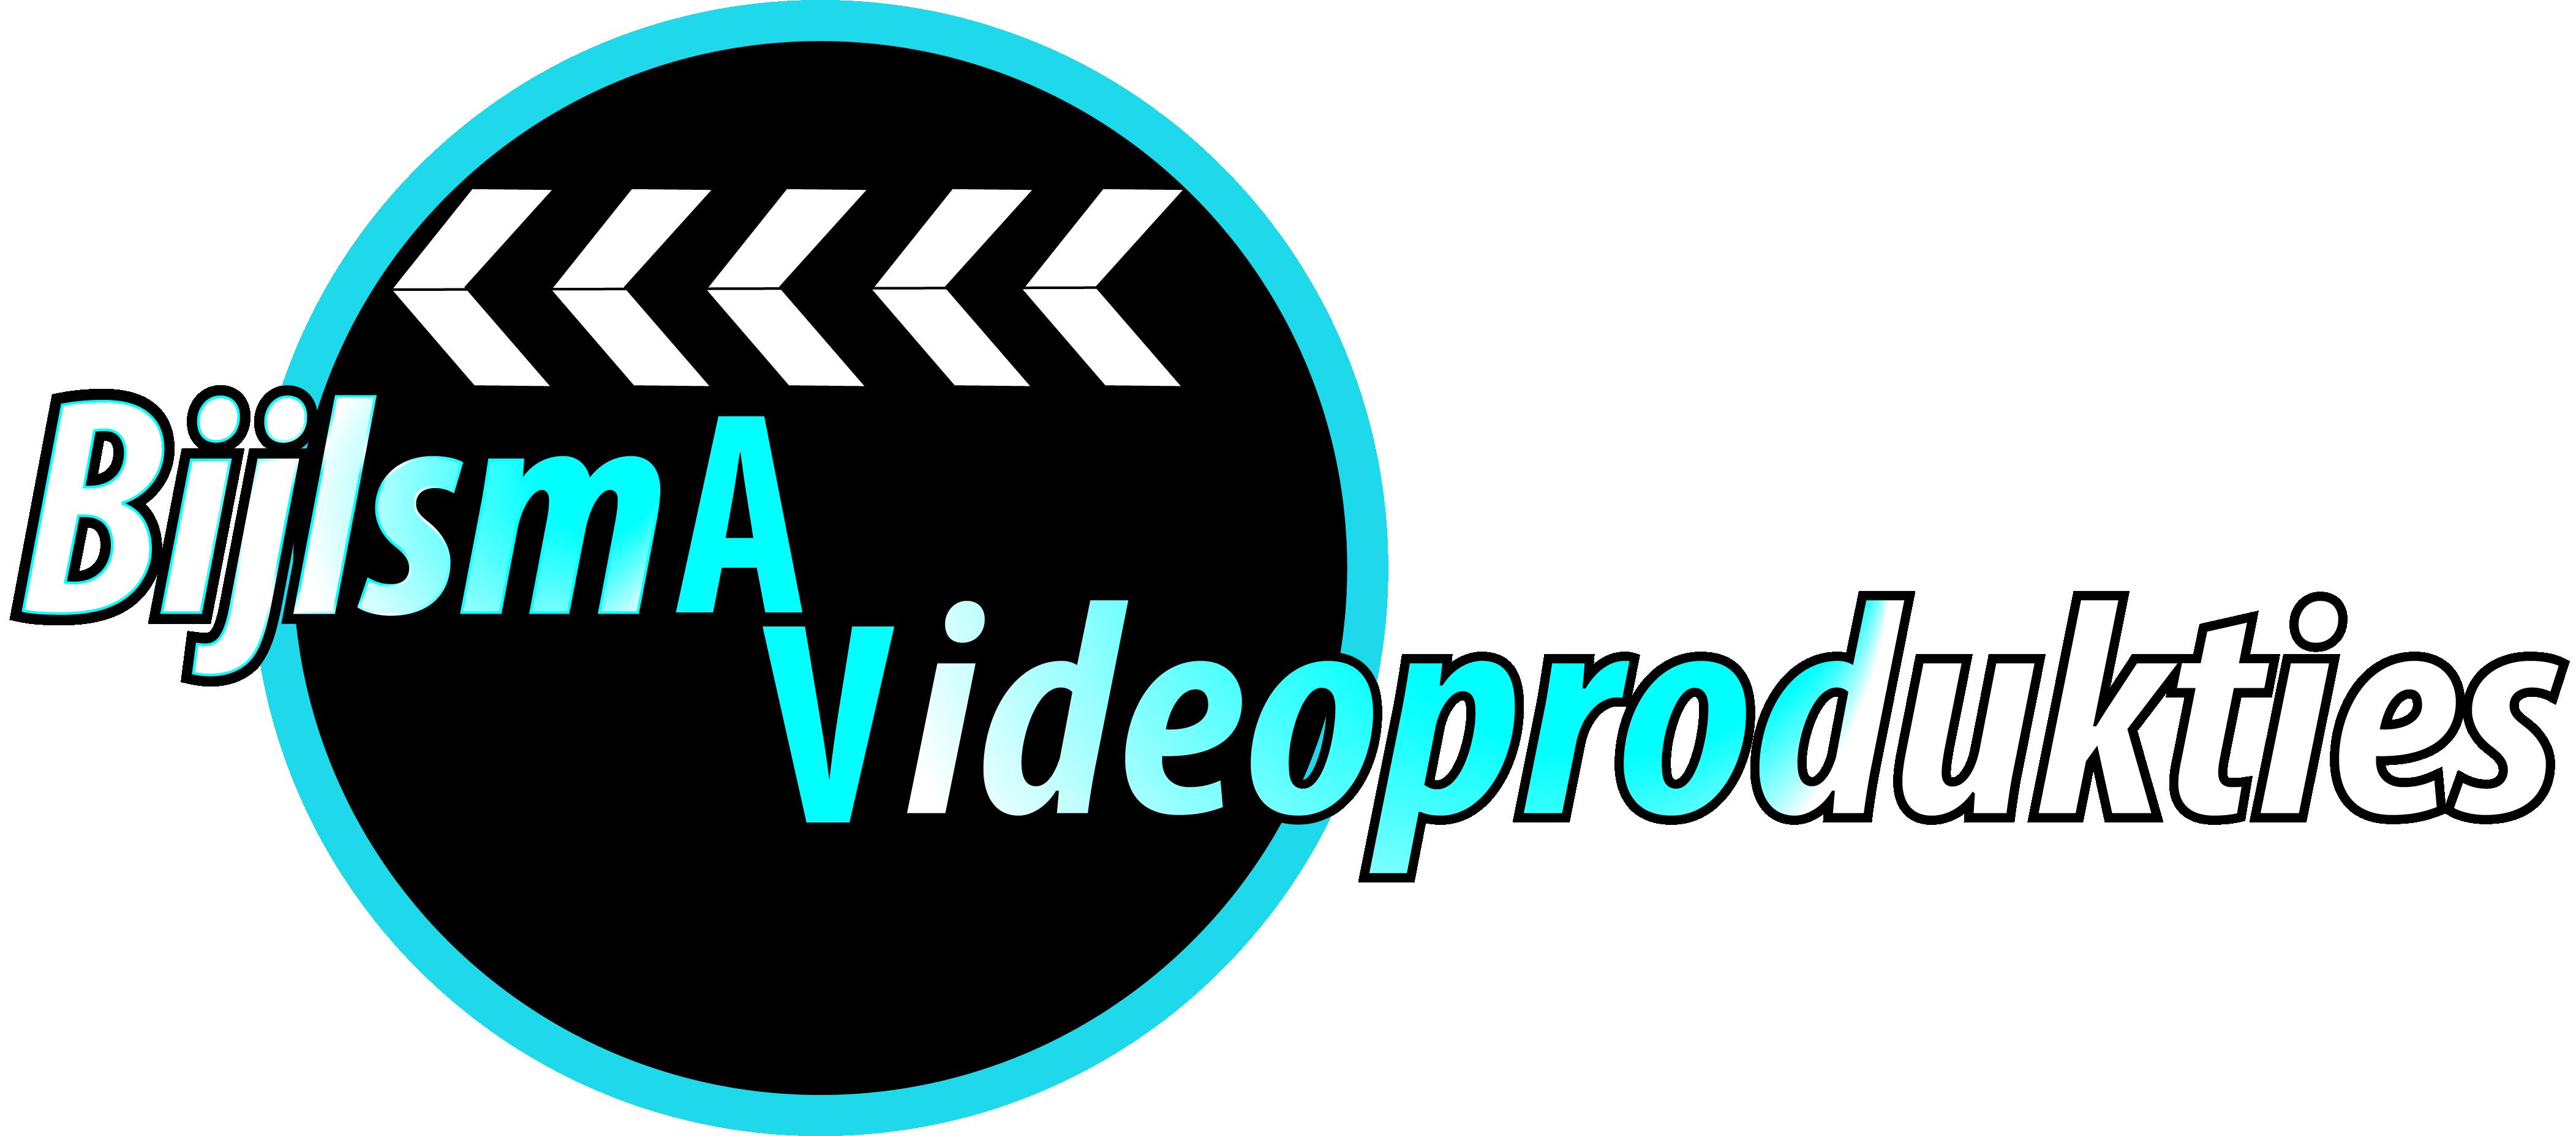 Bedrijfsvideo, bruiloften, animaties | Bijlsmavideoprodukties.nl - Wij bieden een compleet pakket voor jouw bedrijf!